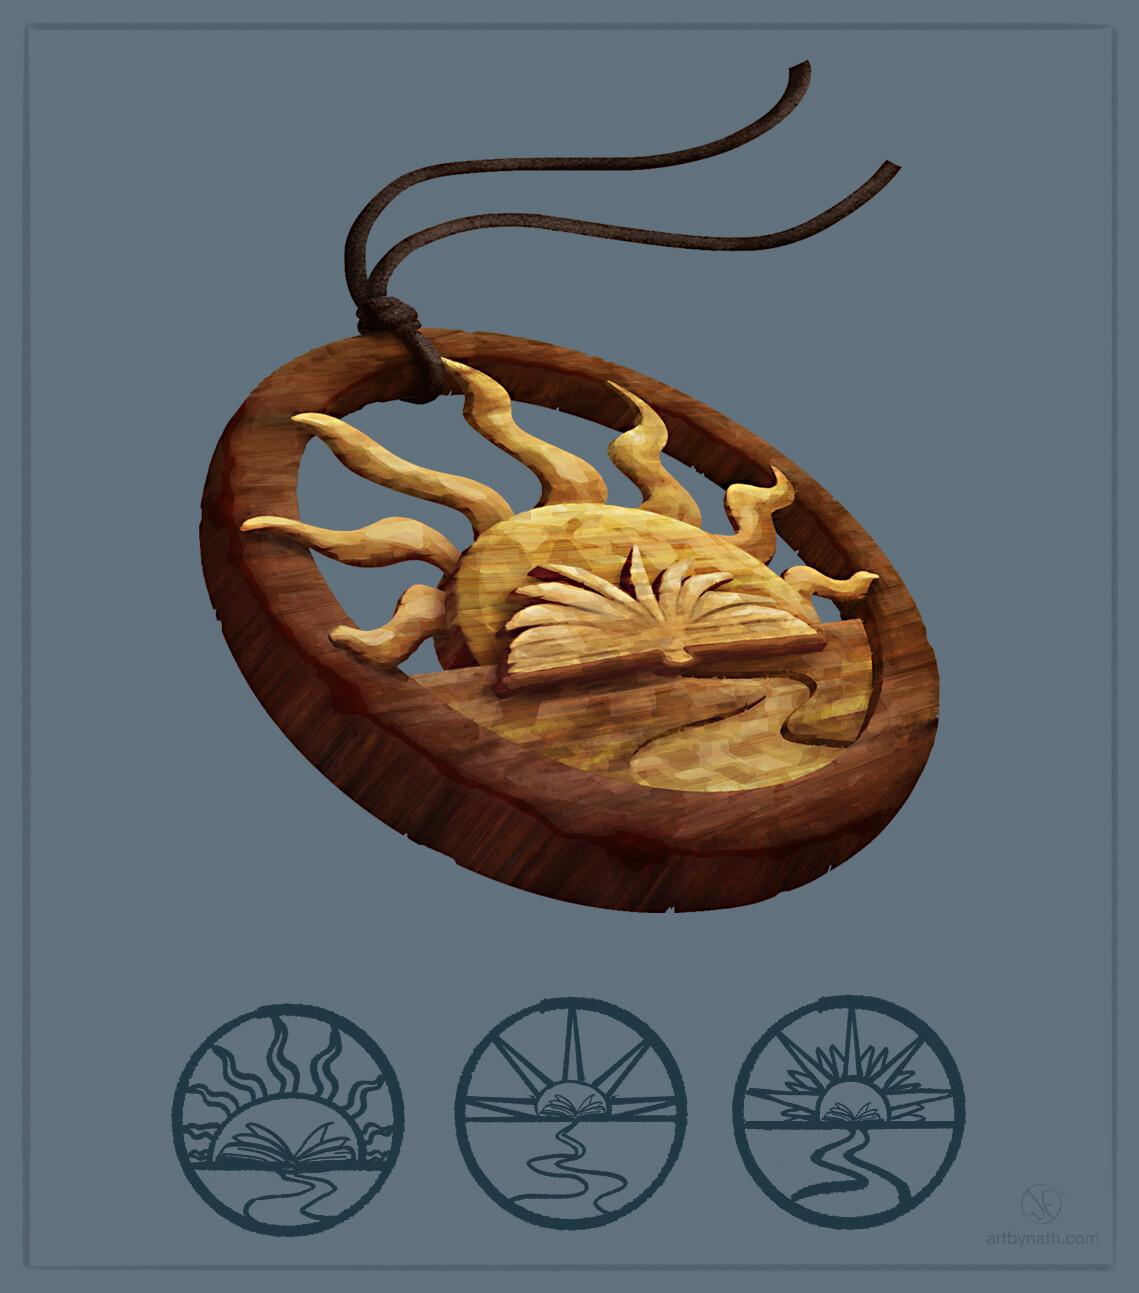 Amulet for Parvmanernes Hemmelighed